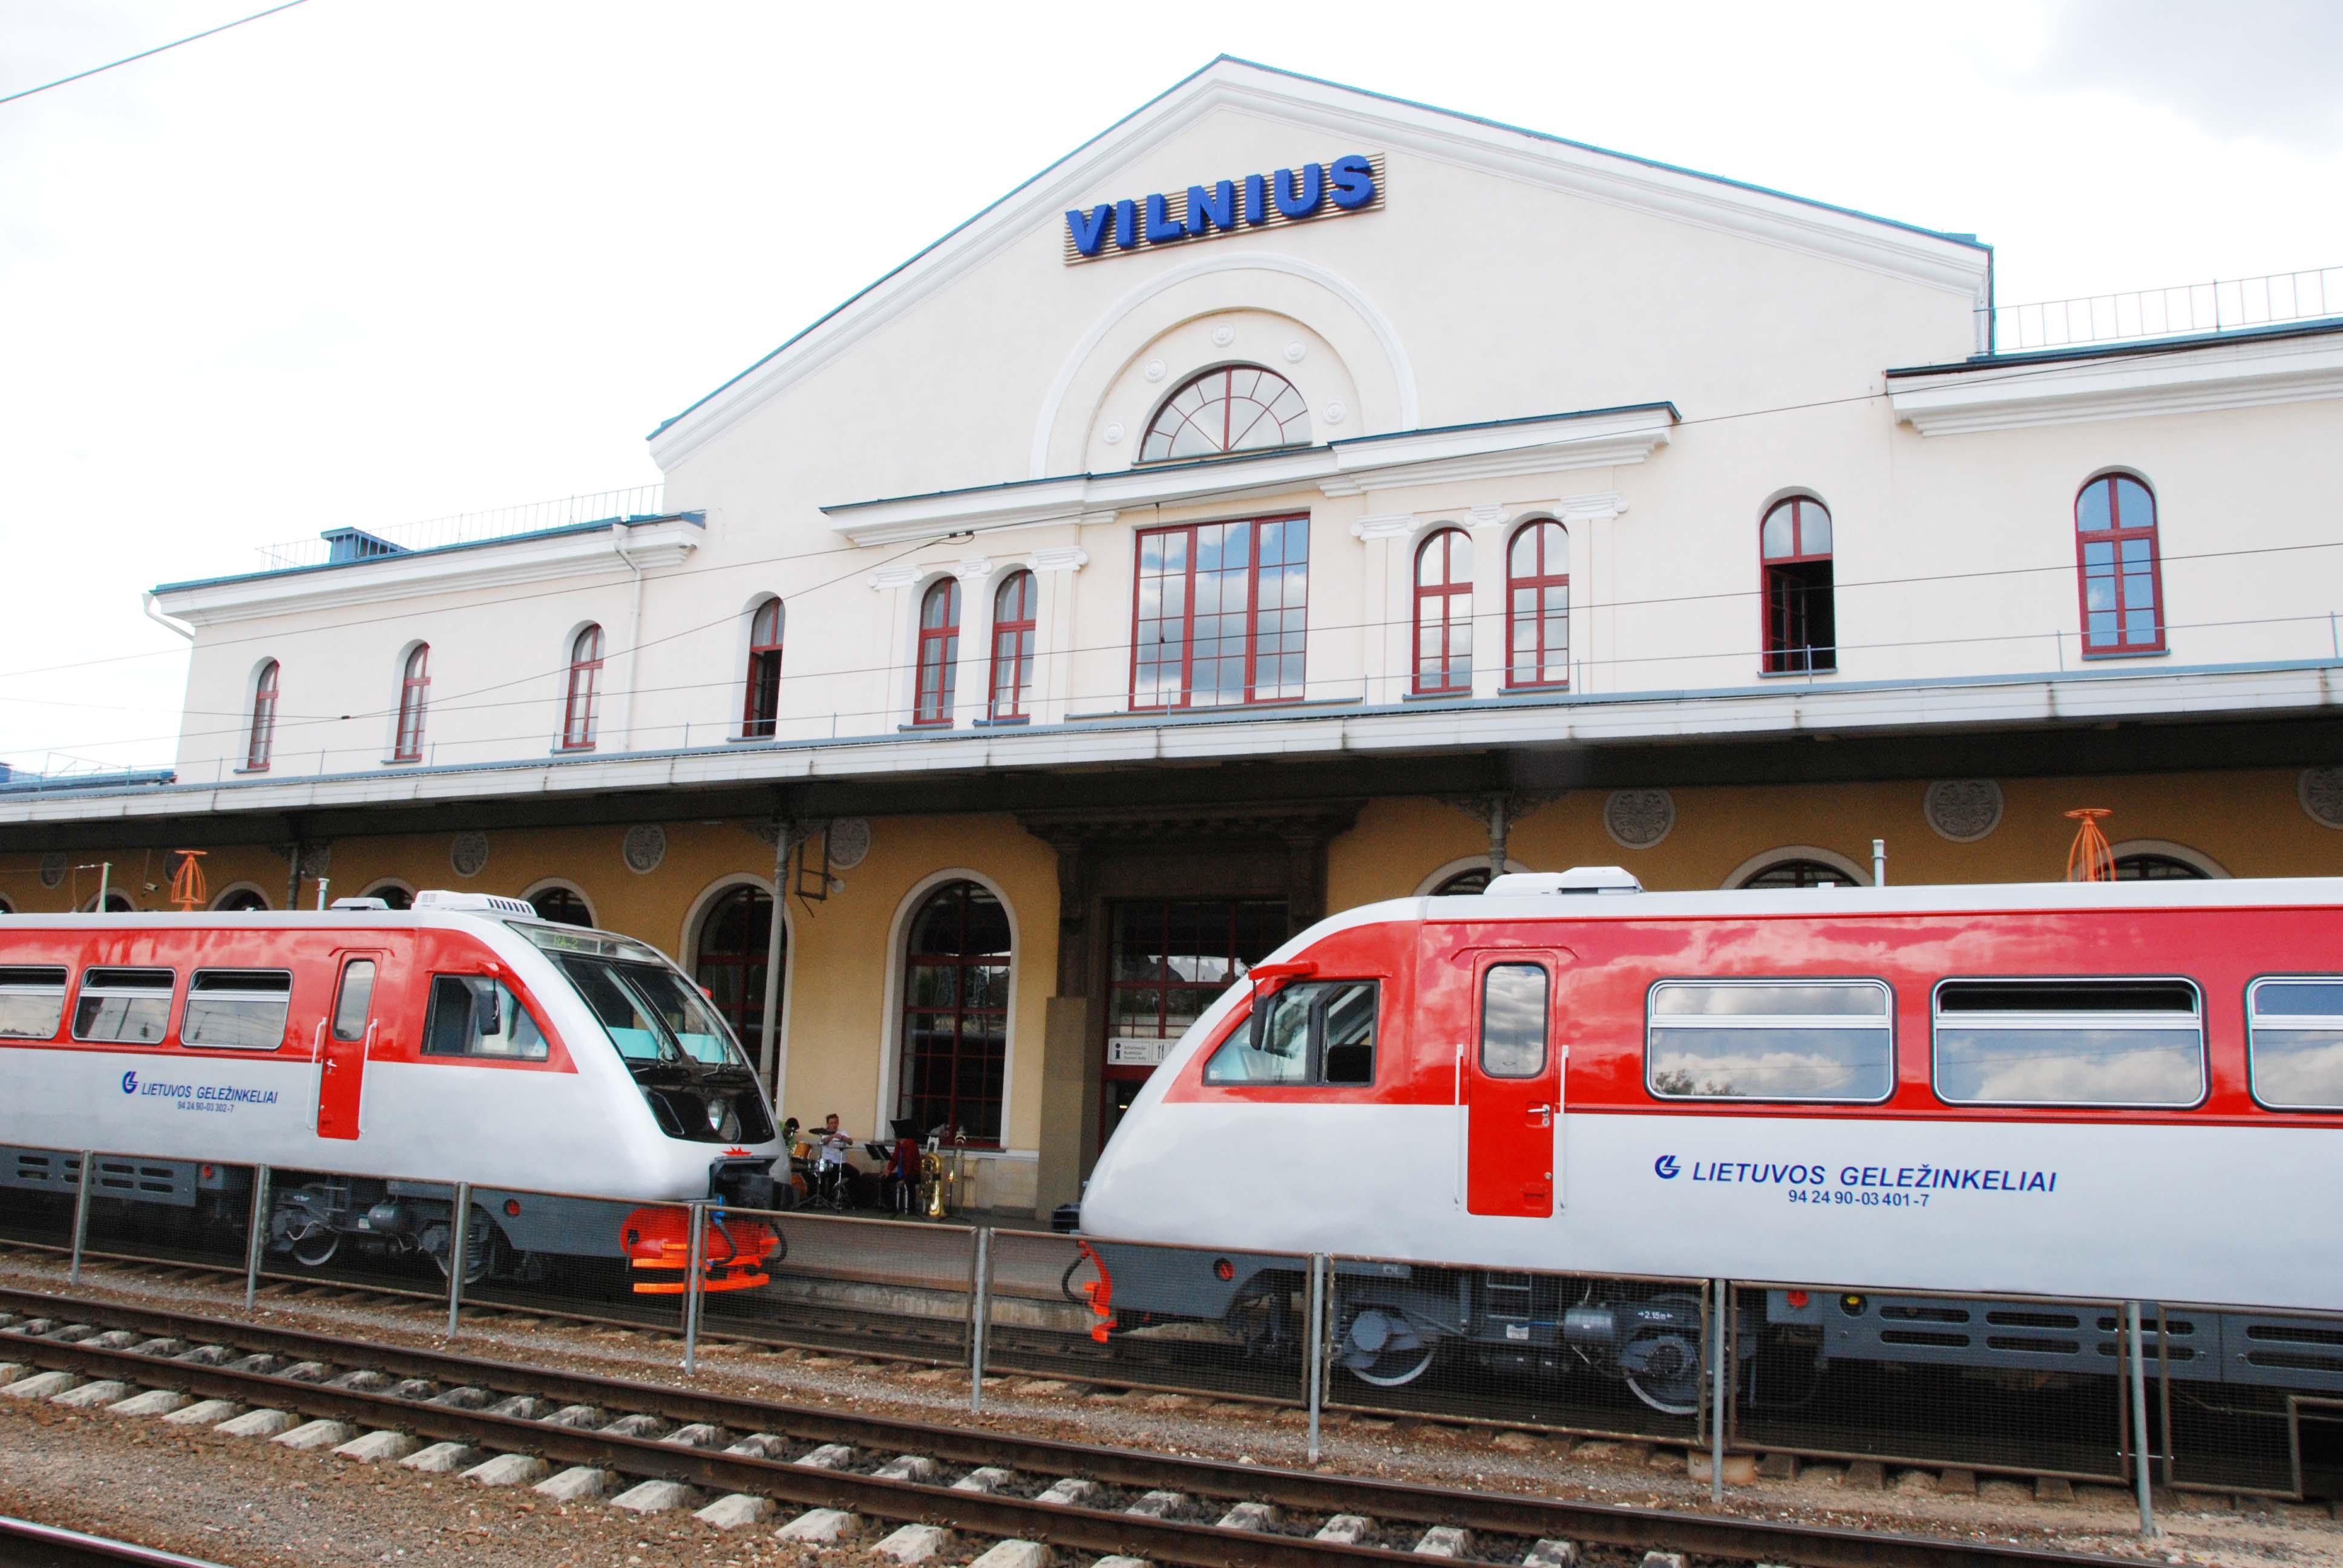 Litouwse spoorwegen